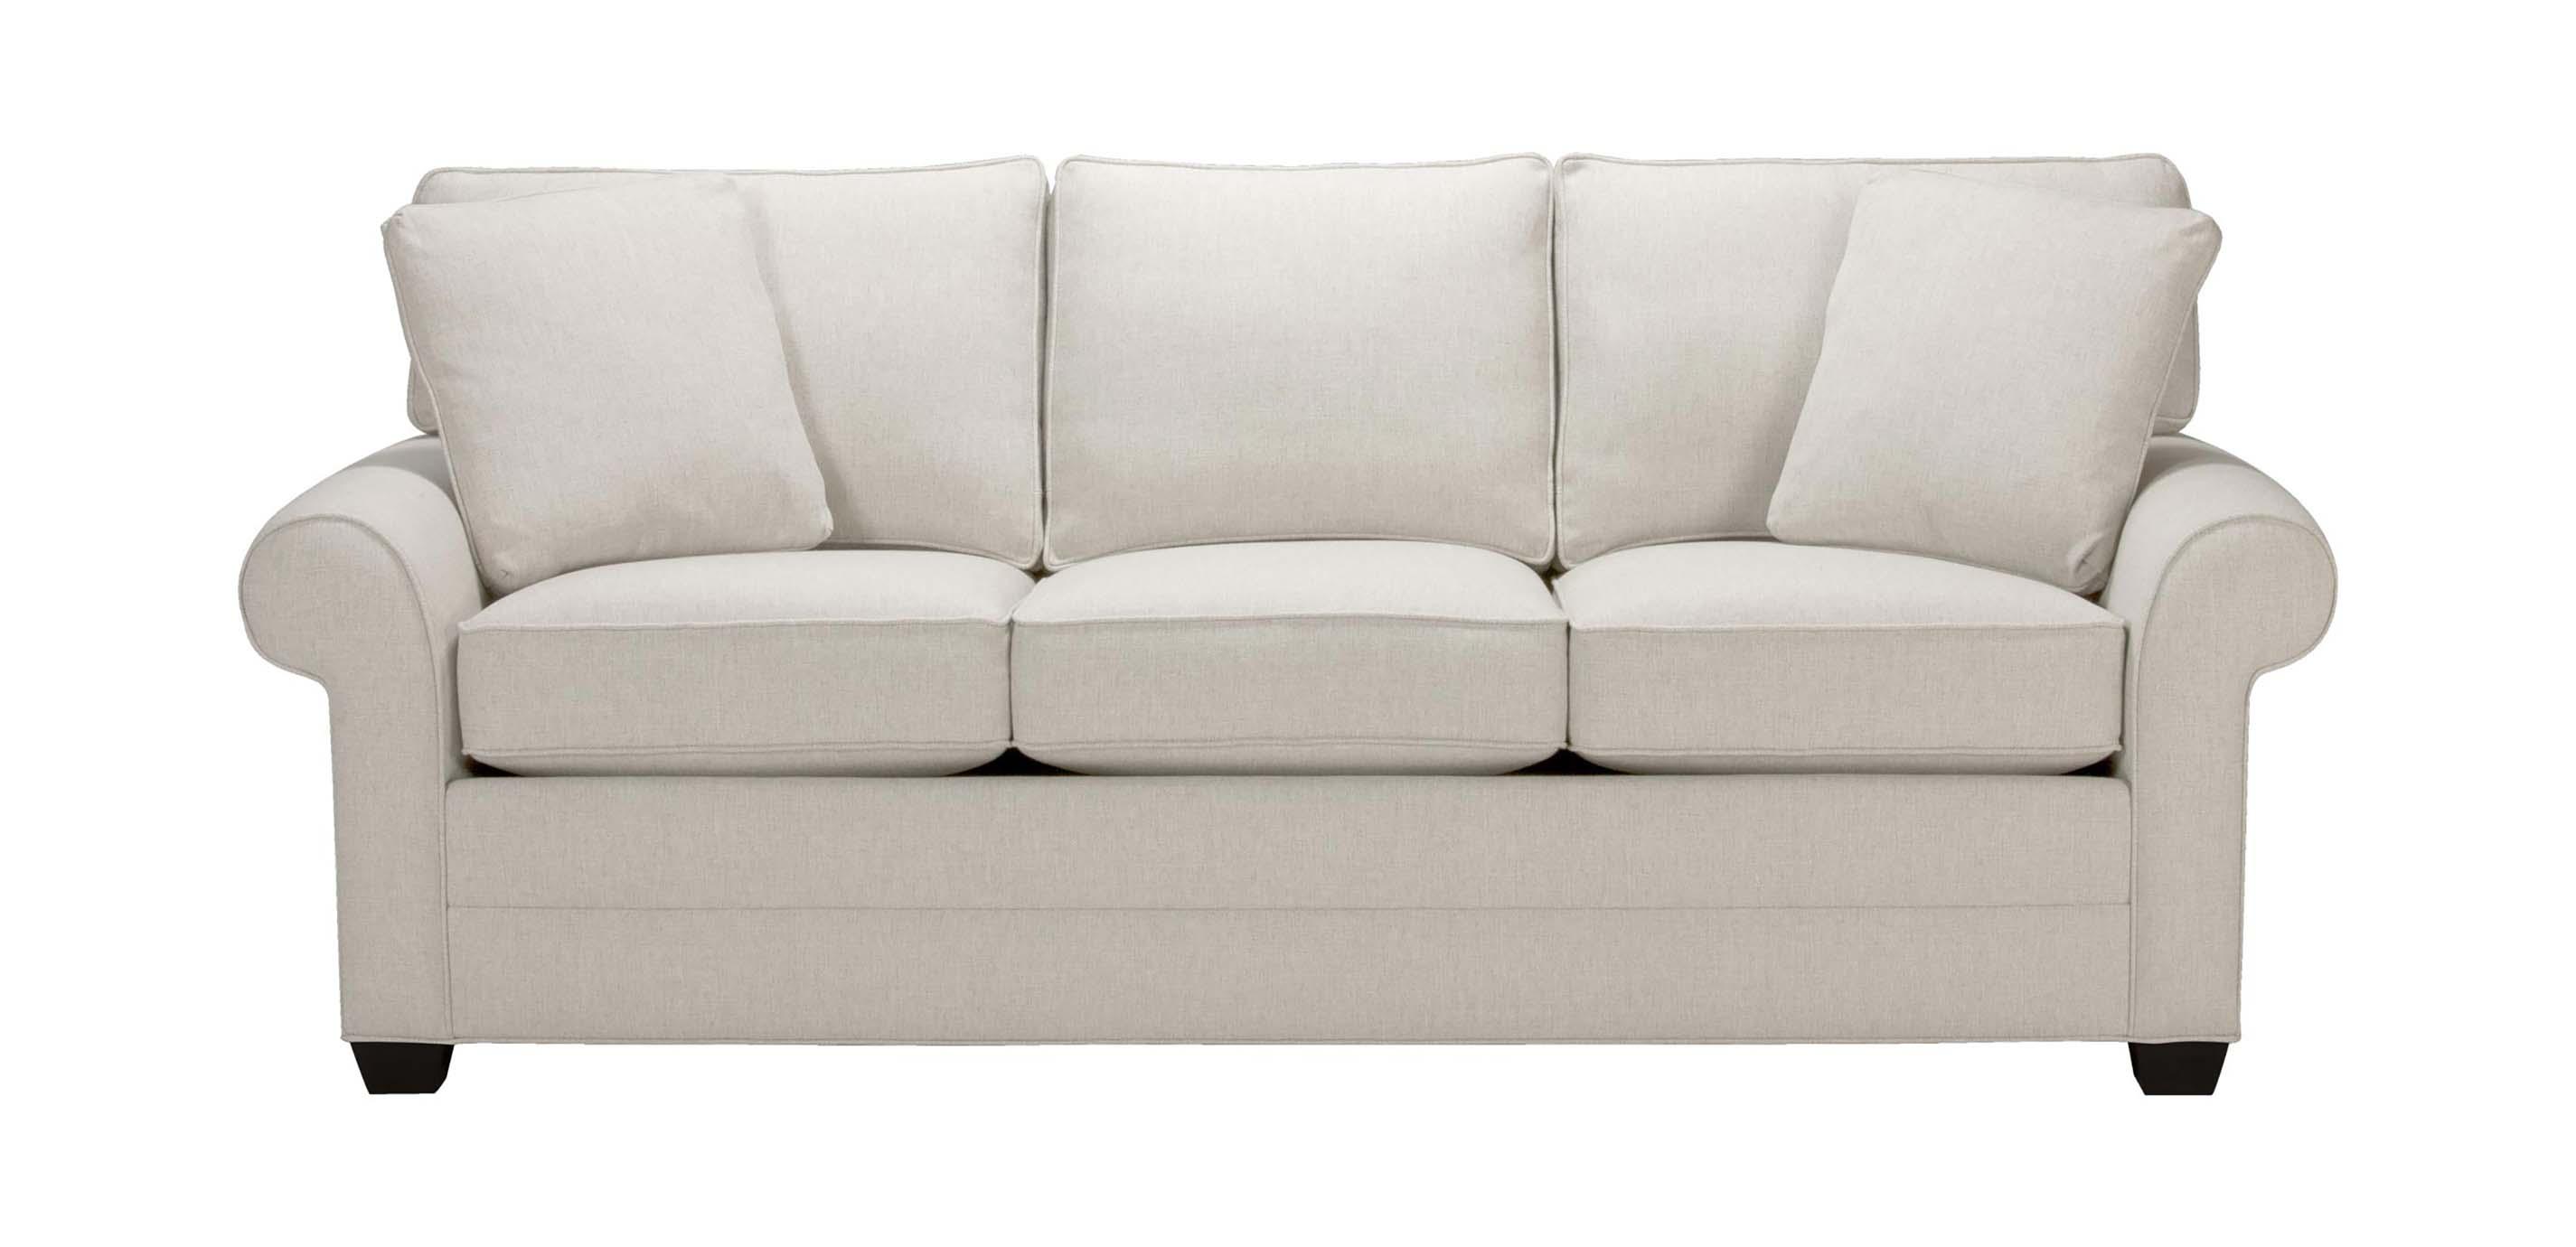 bennett roll arm sofa quick ship sofas loveseats ethan allen rh ethanallen com